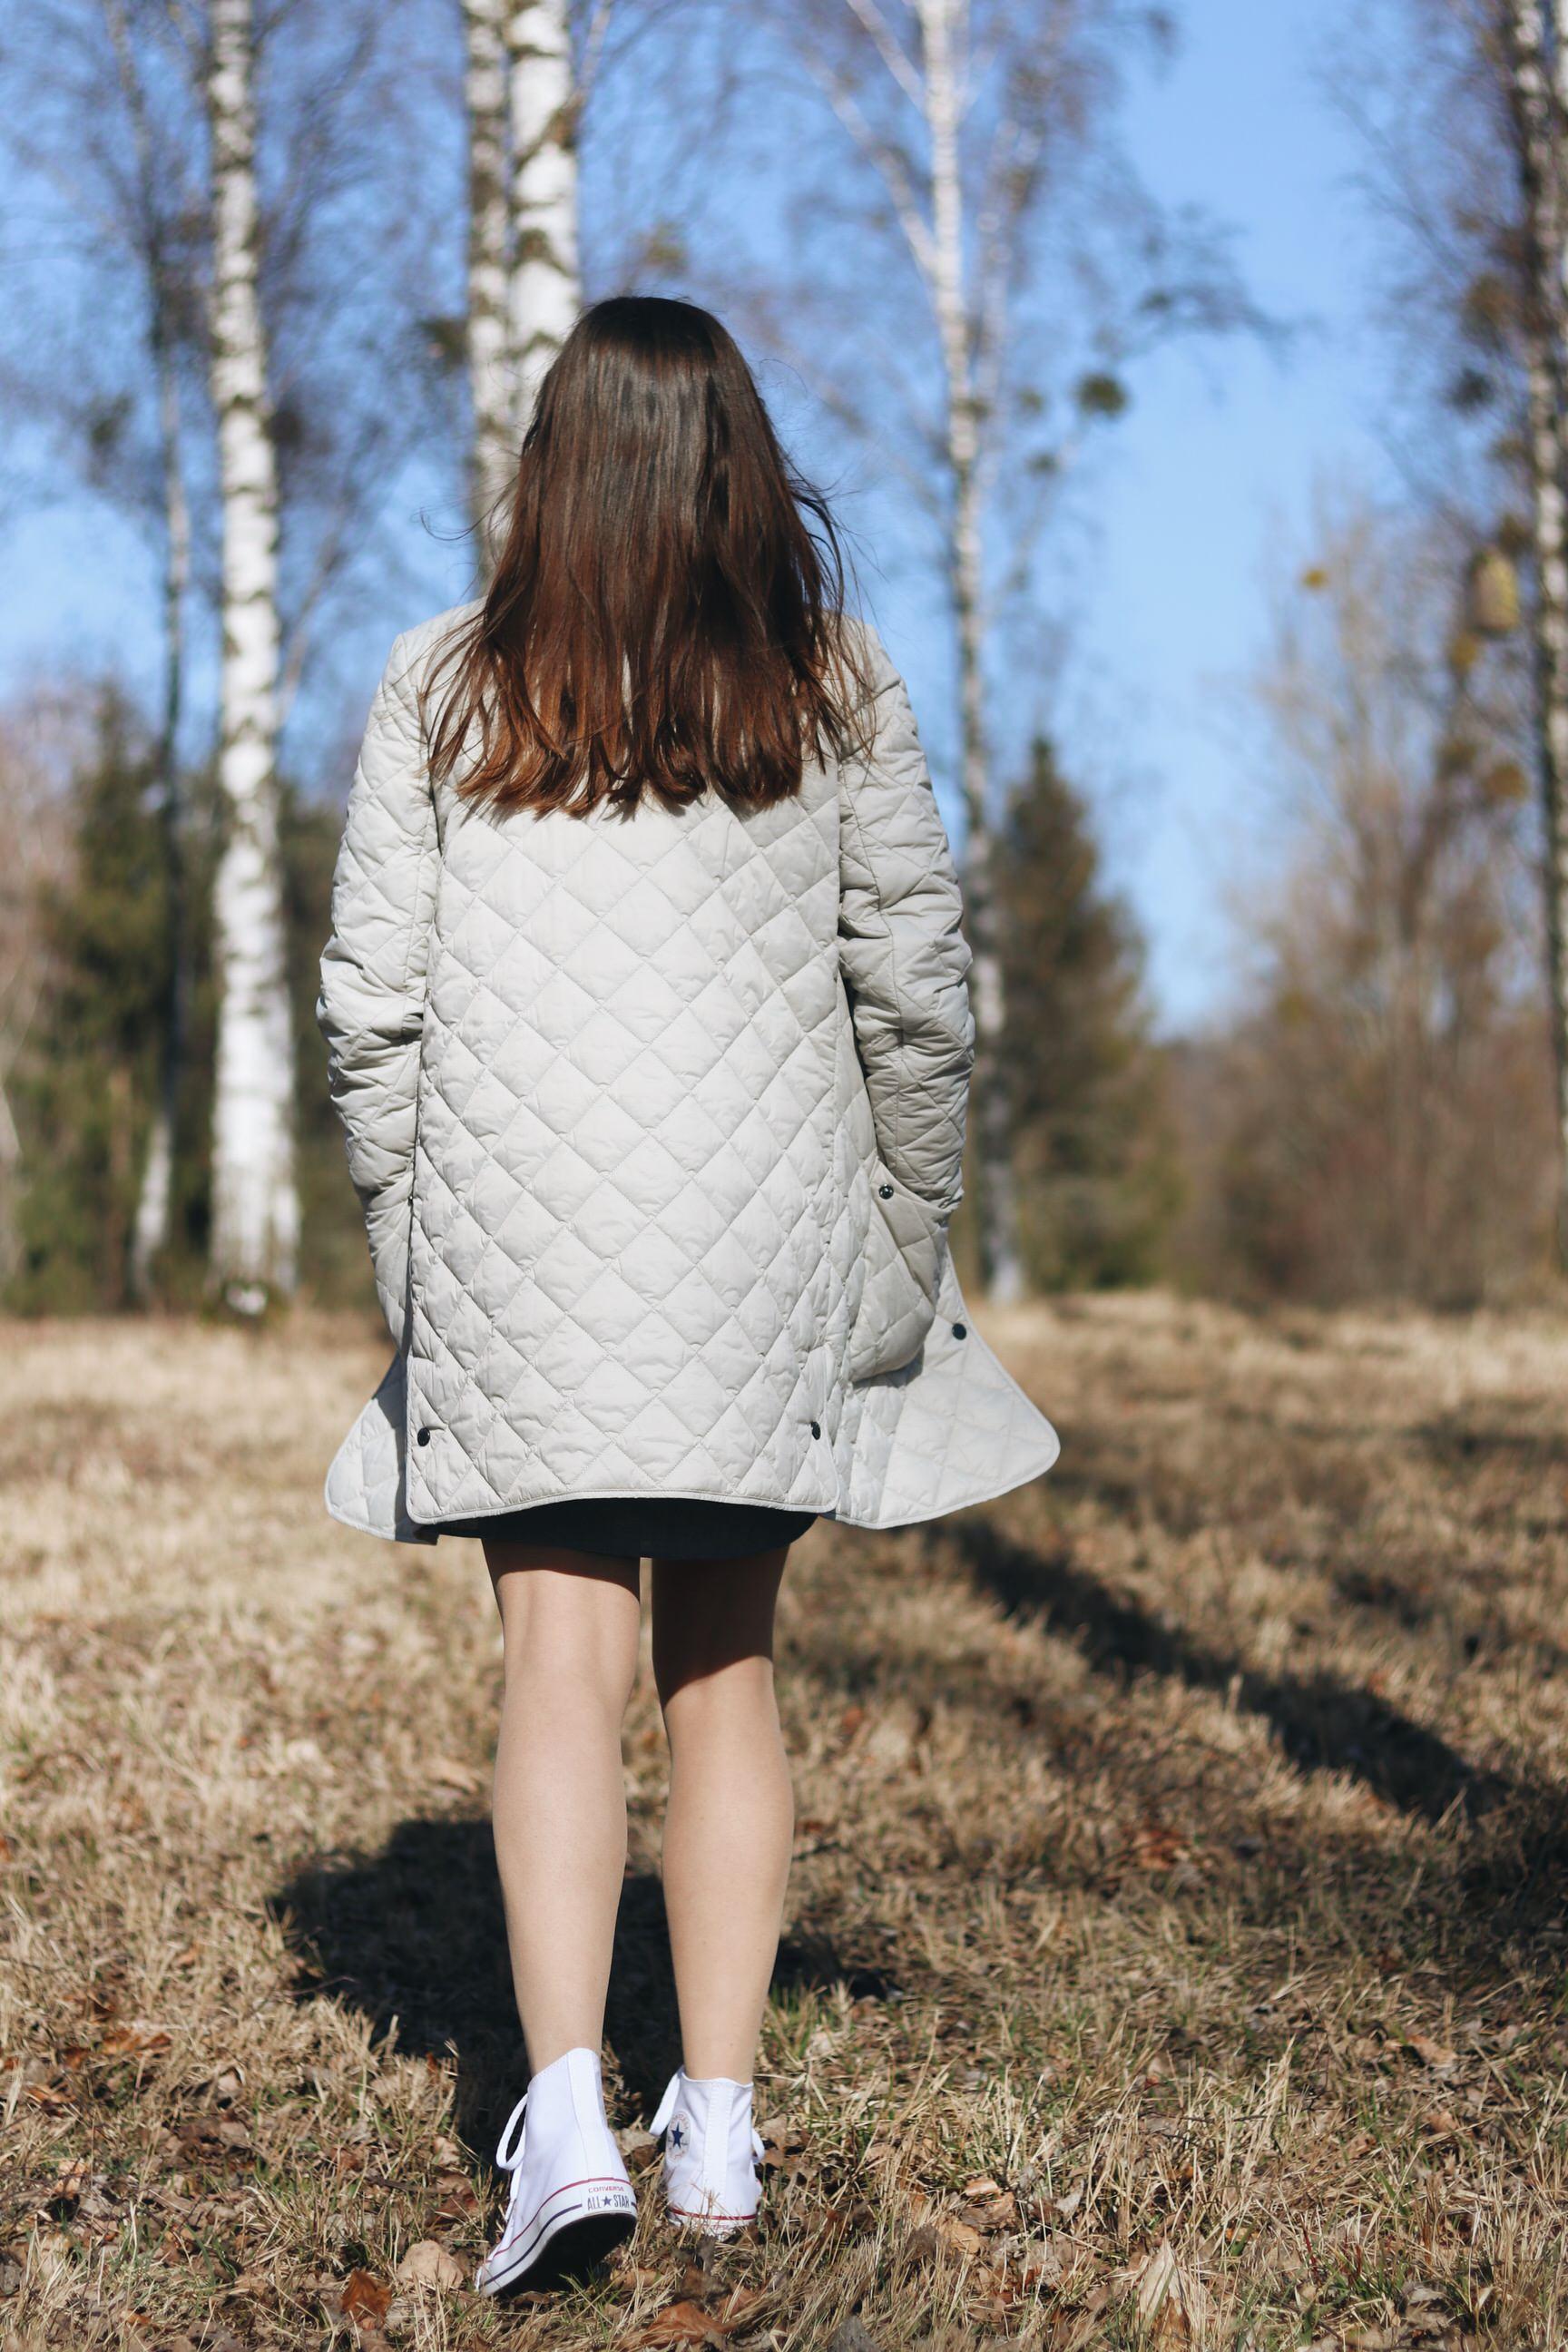 Barbour Steppmantel klassisch modern hohe chucks weiss Outfit Blog